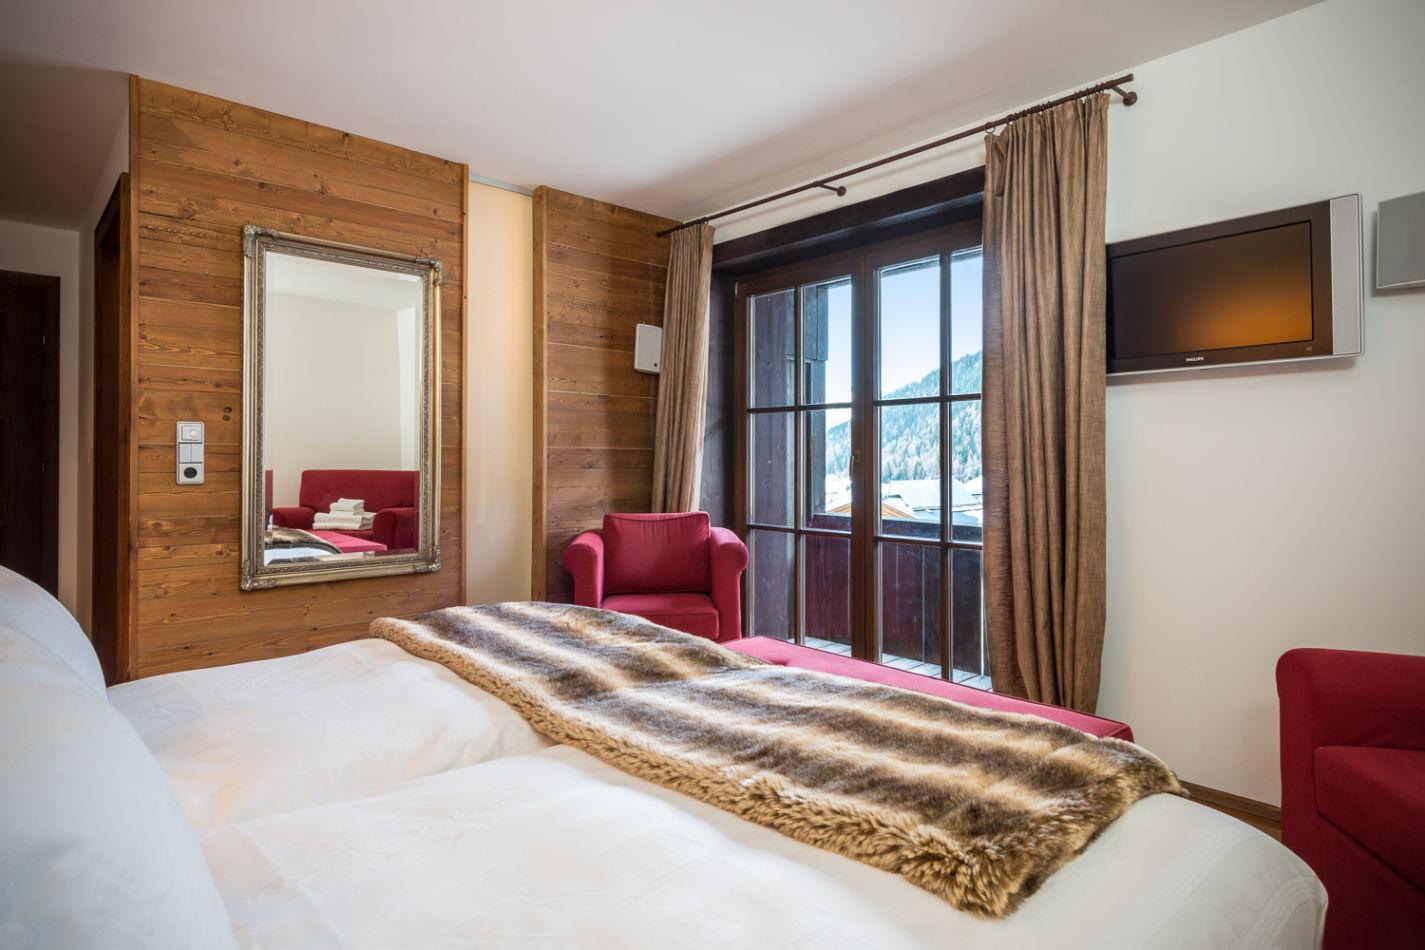 bedroom_double_4-4